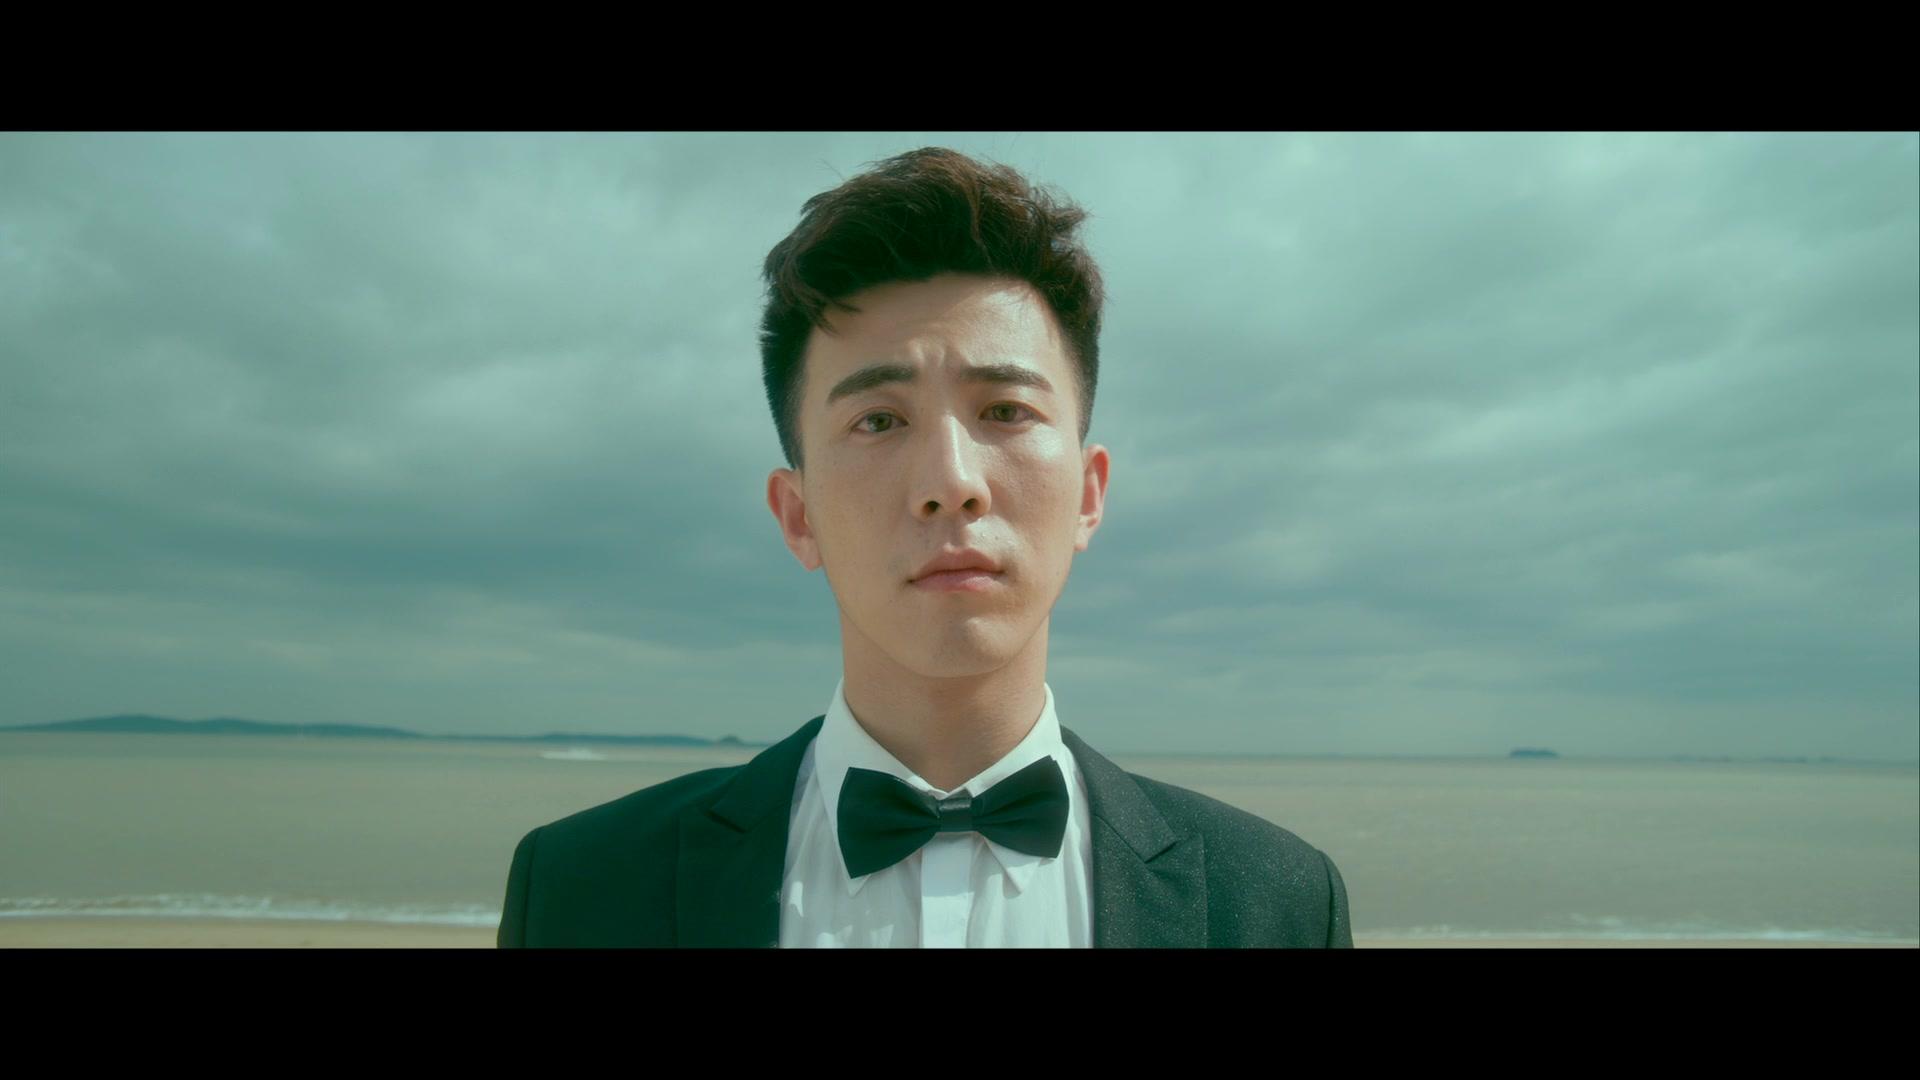 Trailer: My Girlfriend's Boyfriend